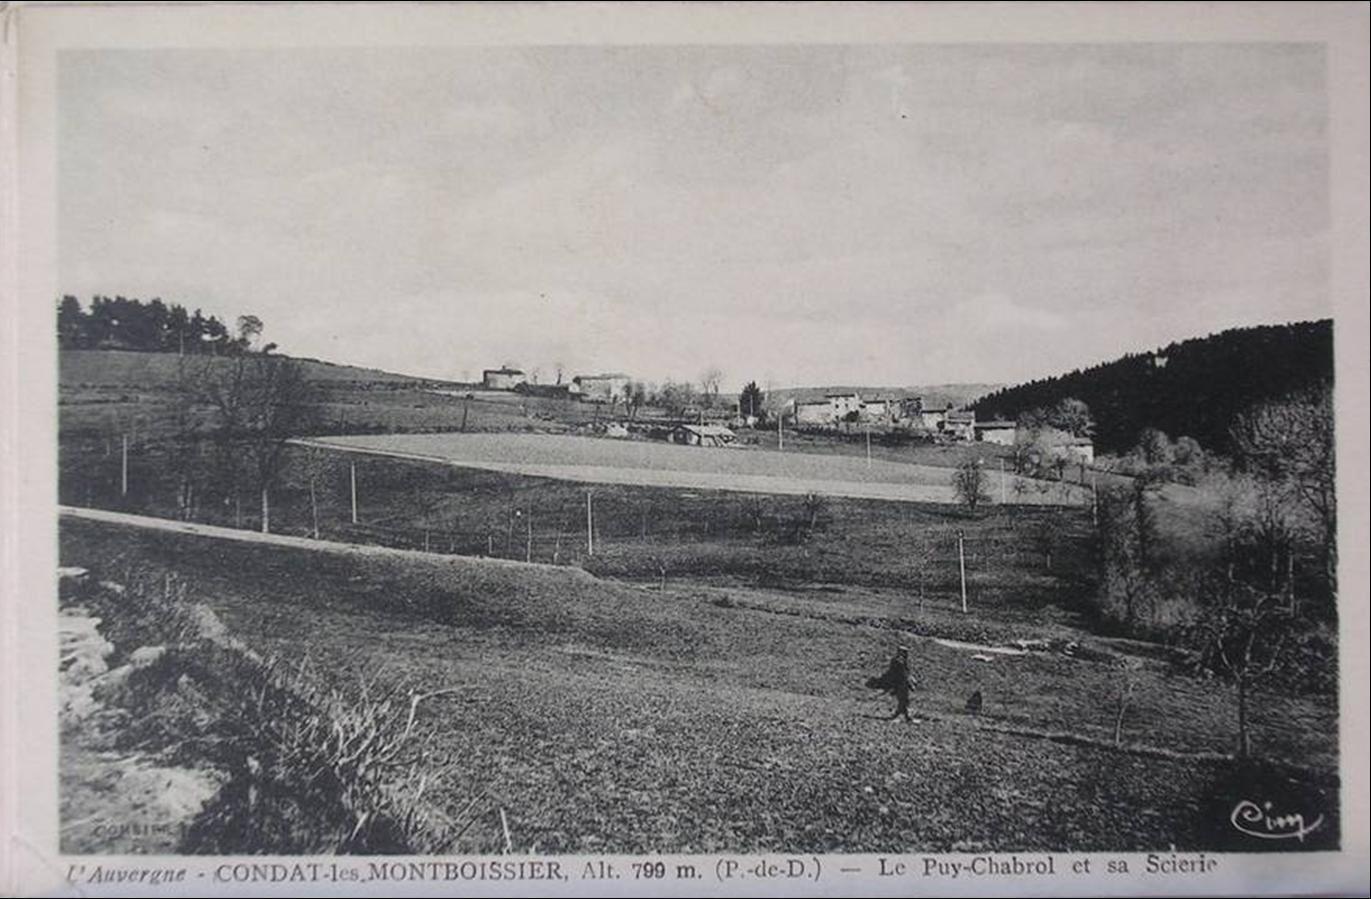 Les villages du Puy de Dome: Condat-lès-Montboissier